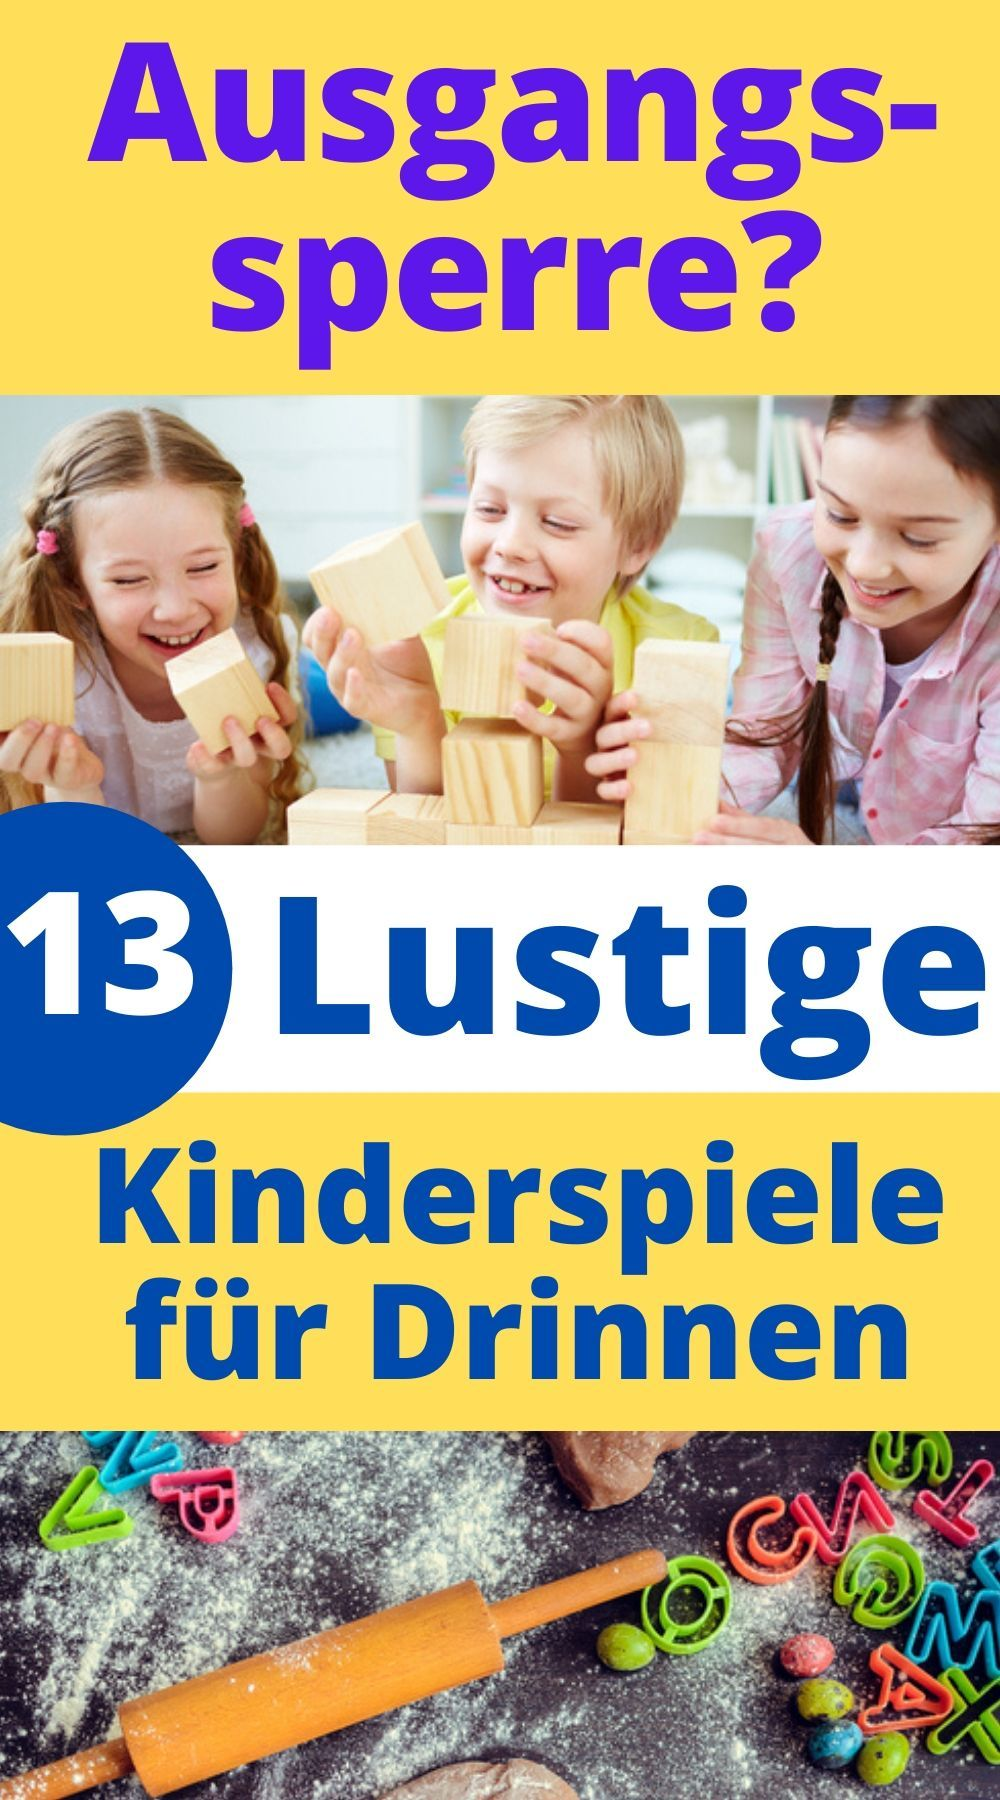 13 lustige Kinderspiele für Drinnen